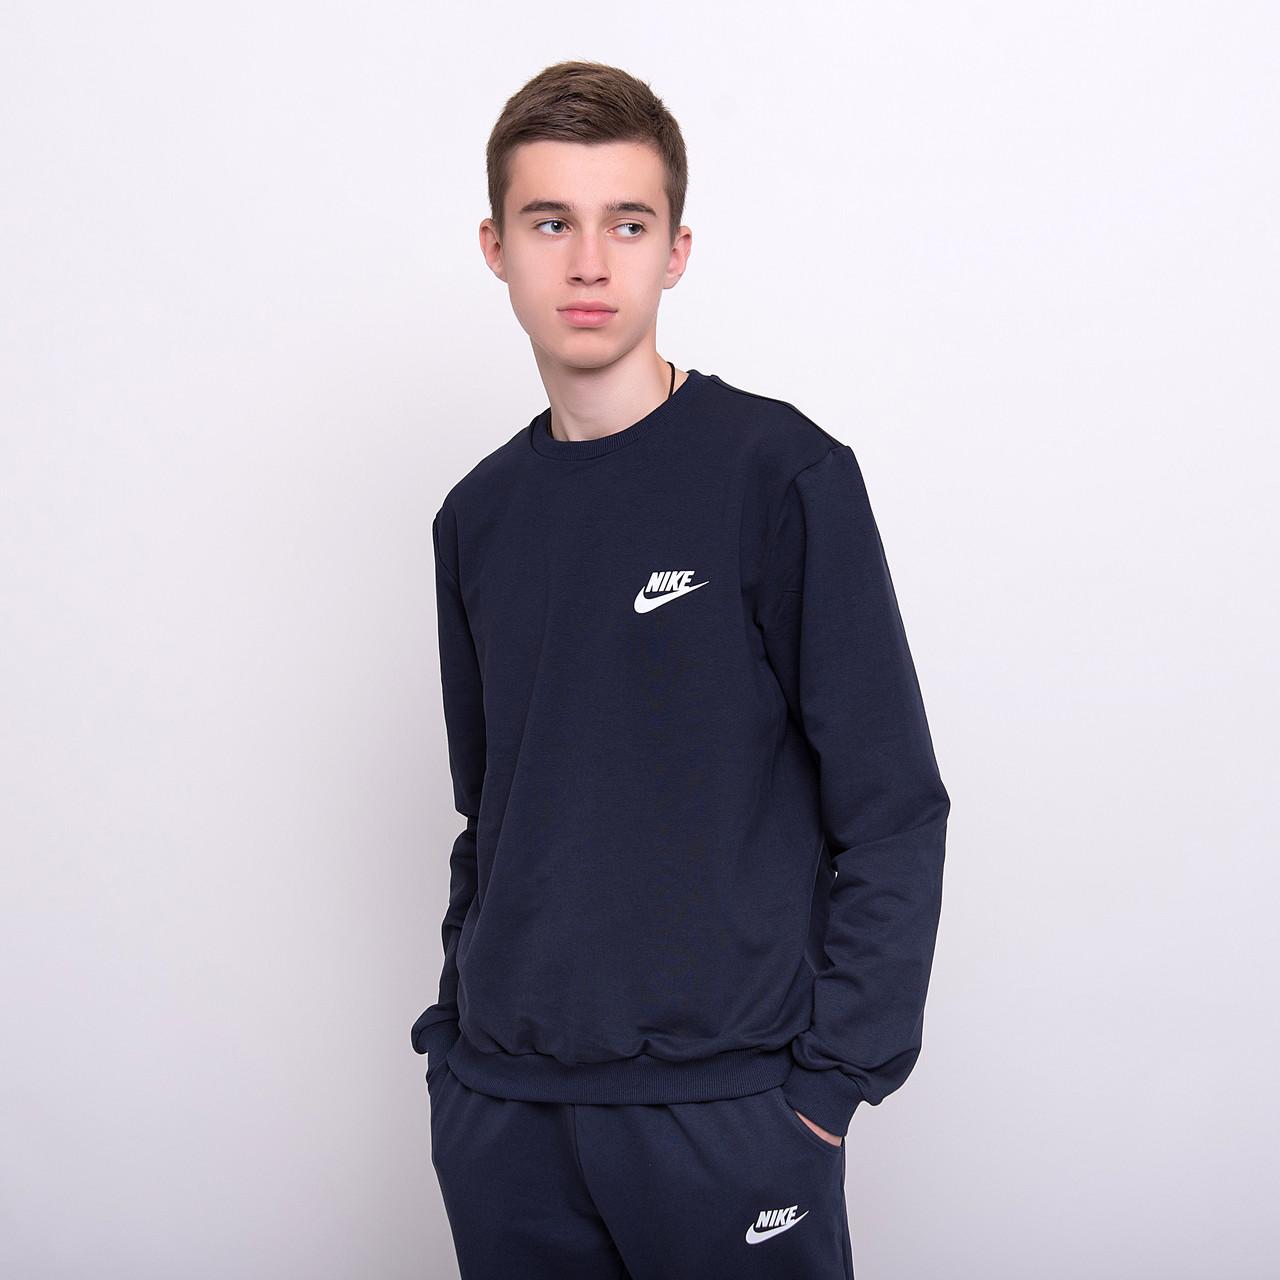 Чоловічий світшот Nike темно-синього кольору